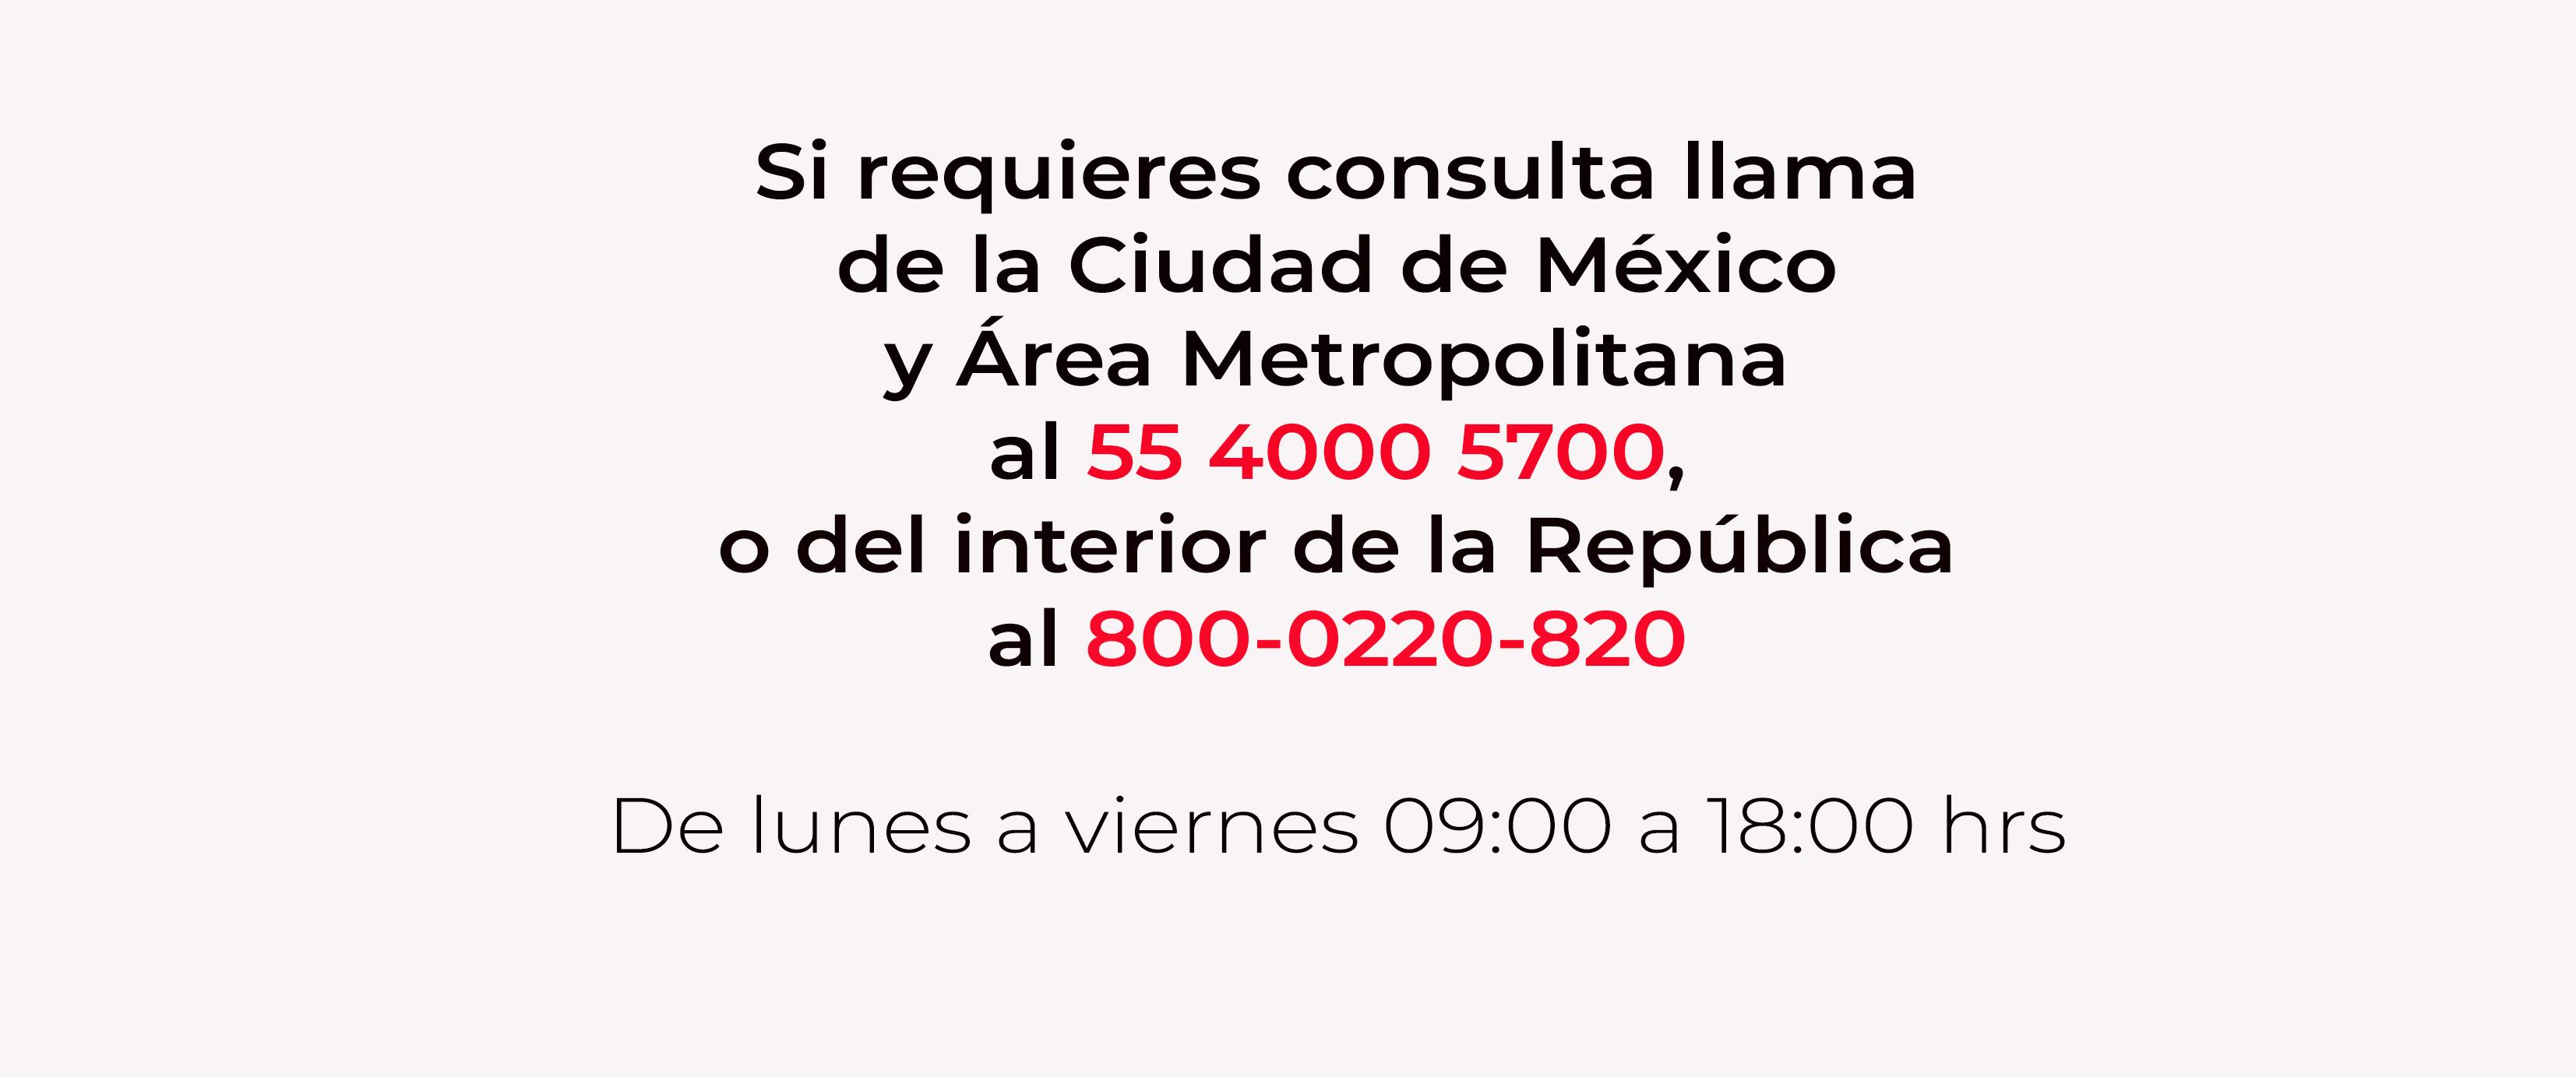 """Número telefónico para solicitar cita en el Hospital General """"Dr. Manuel Gea González"""""""